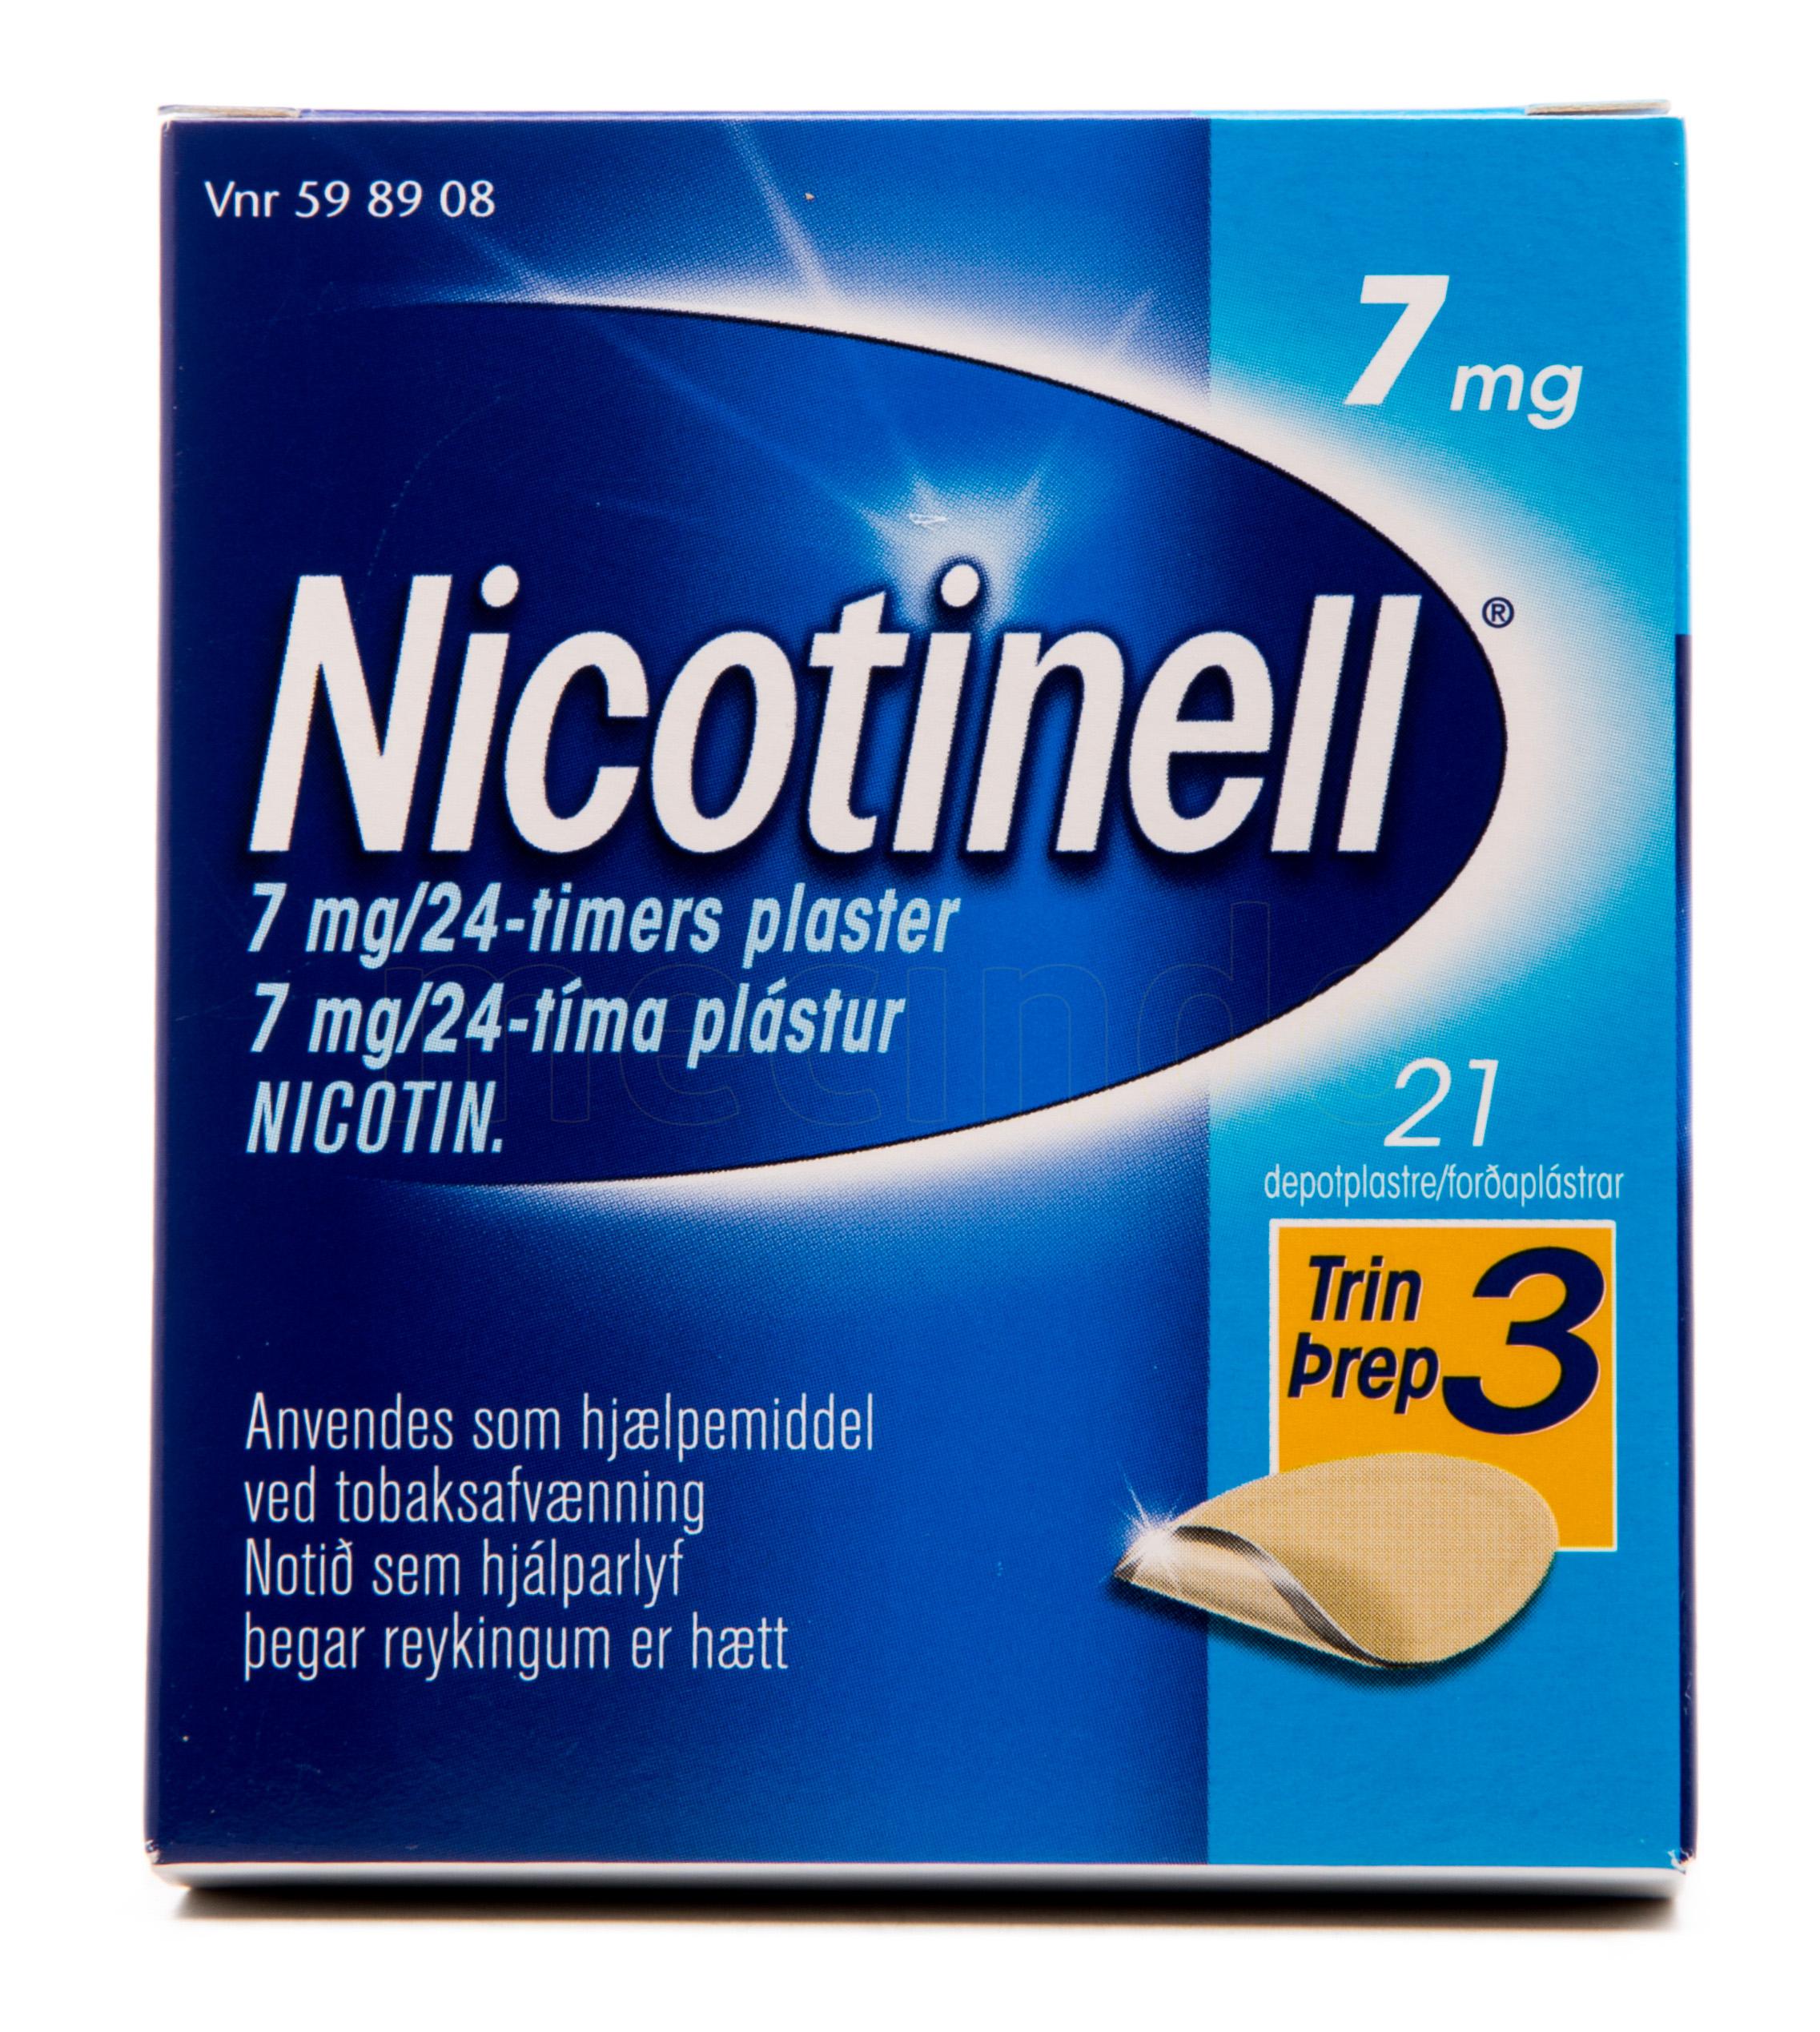 Billede af Nicotinell Depotplastre - 7 mg - 21 Plas